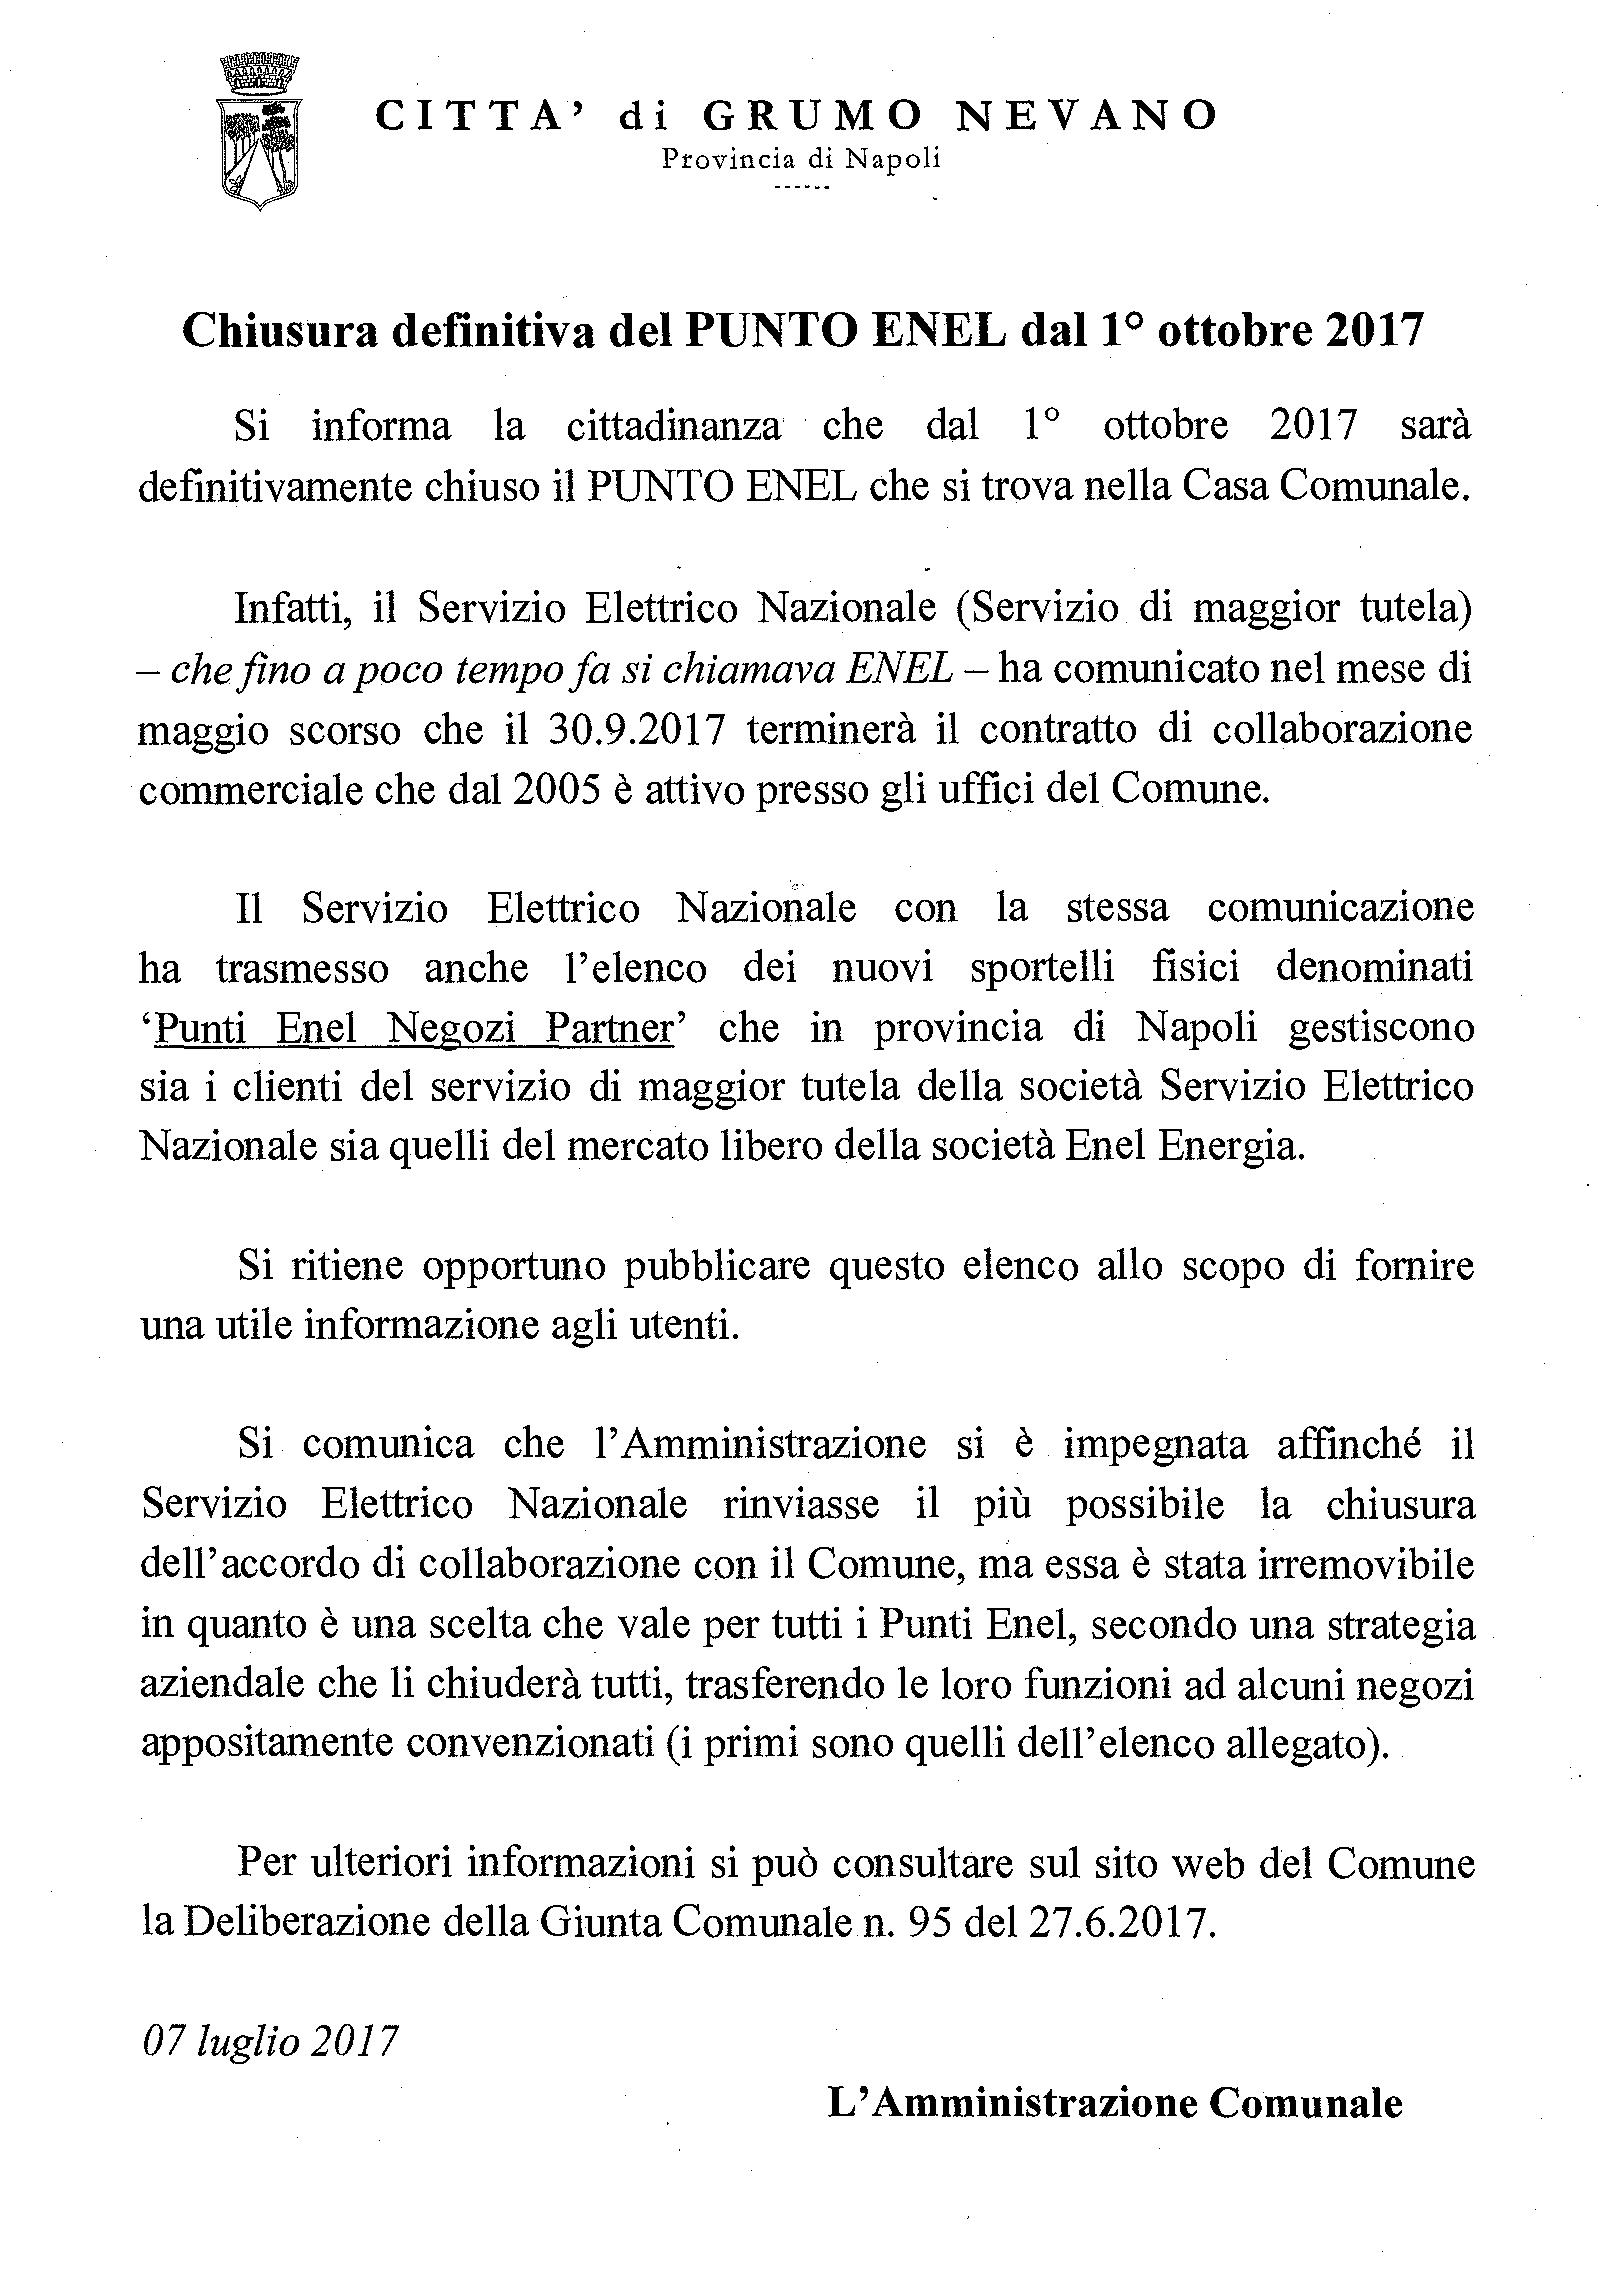 Chiusura definitiva Punto Enel_Pagina_1